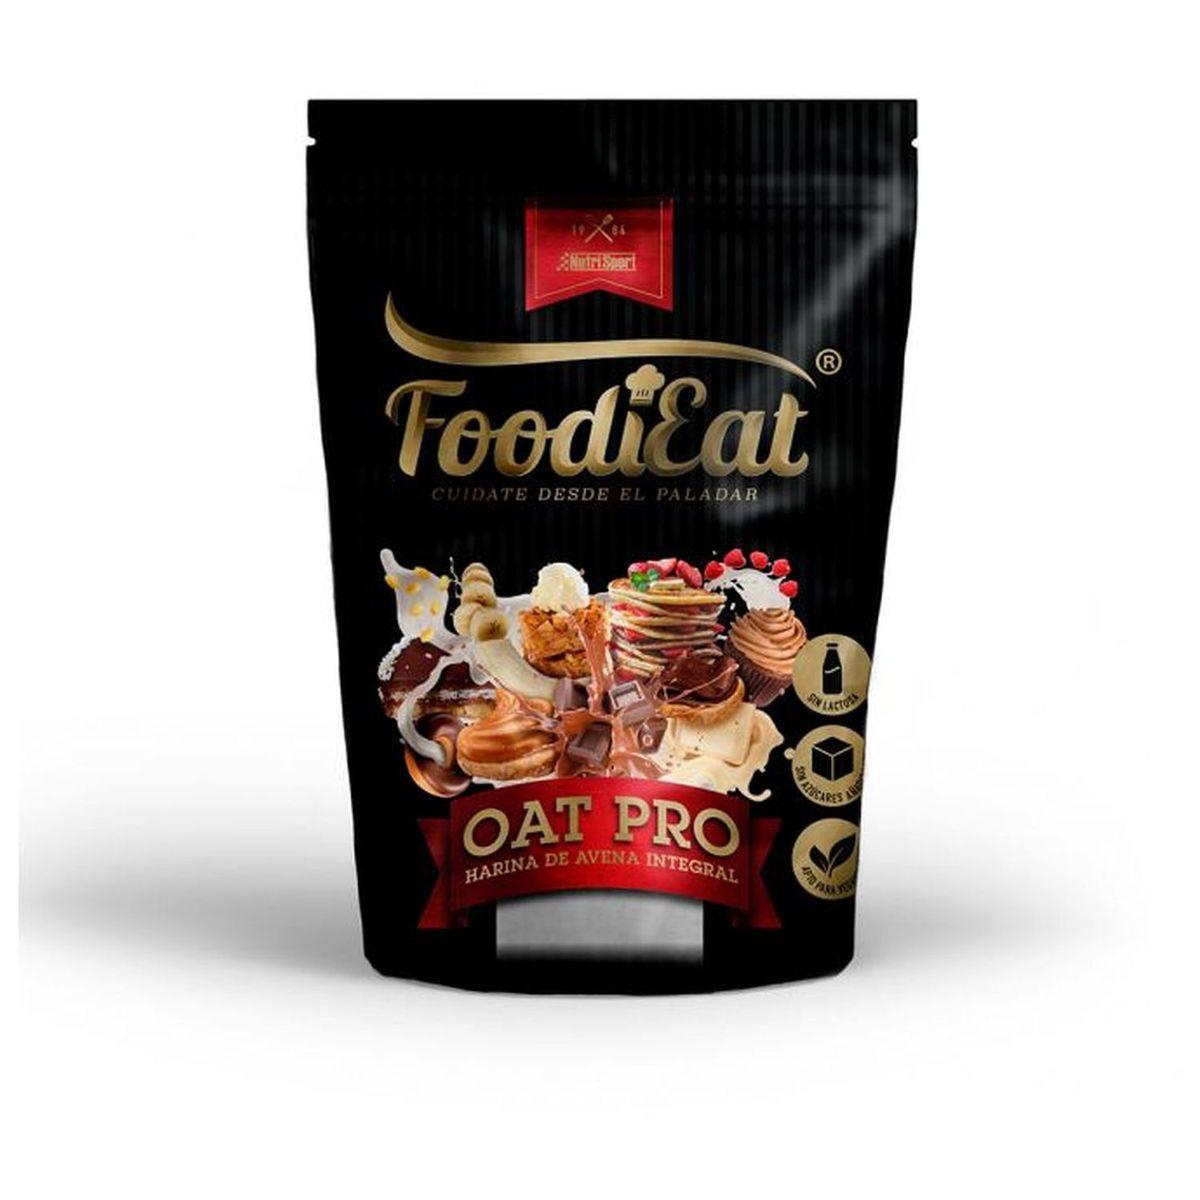 FoodiEat - OATPRO Harina de Avena Integral -  Original - 1,5kg